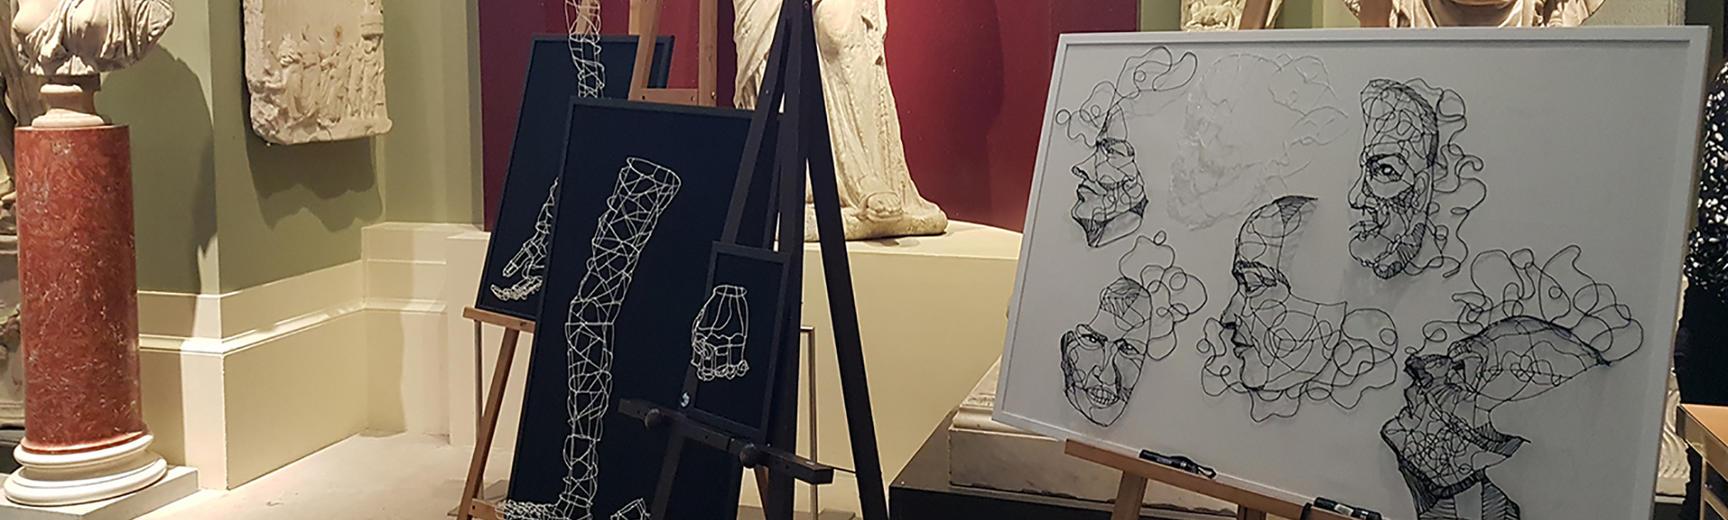 Picturing Parkinson's, Ashmolean Museum